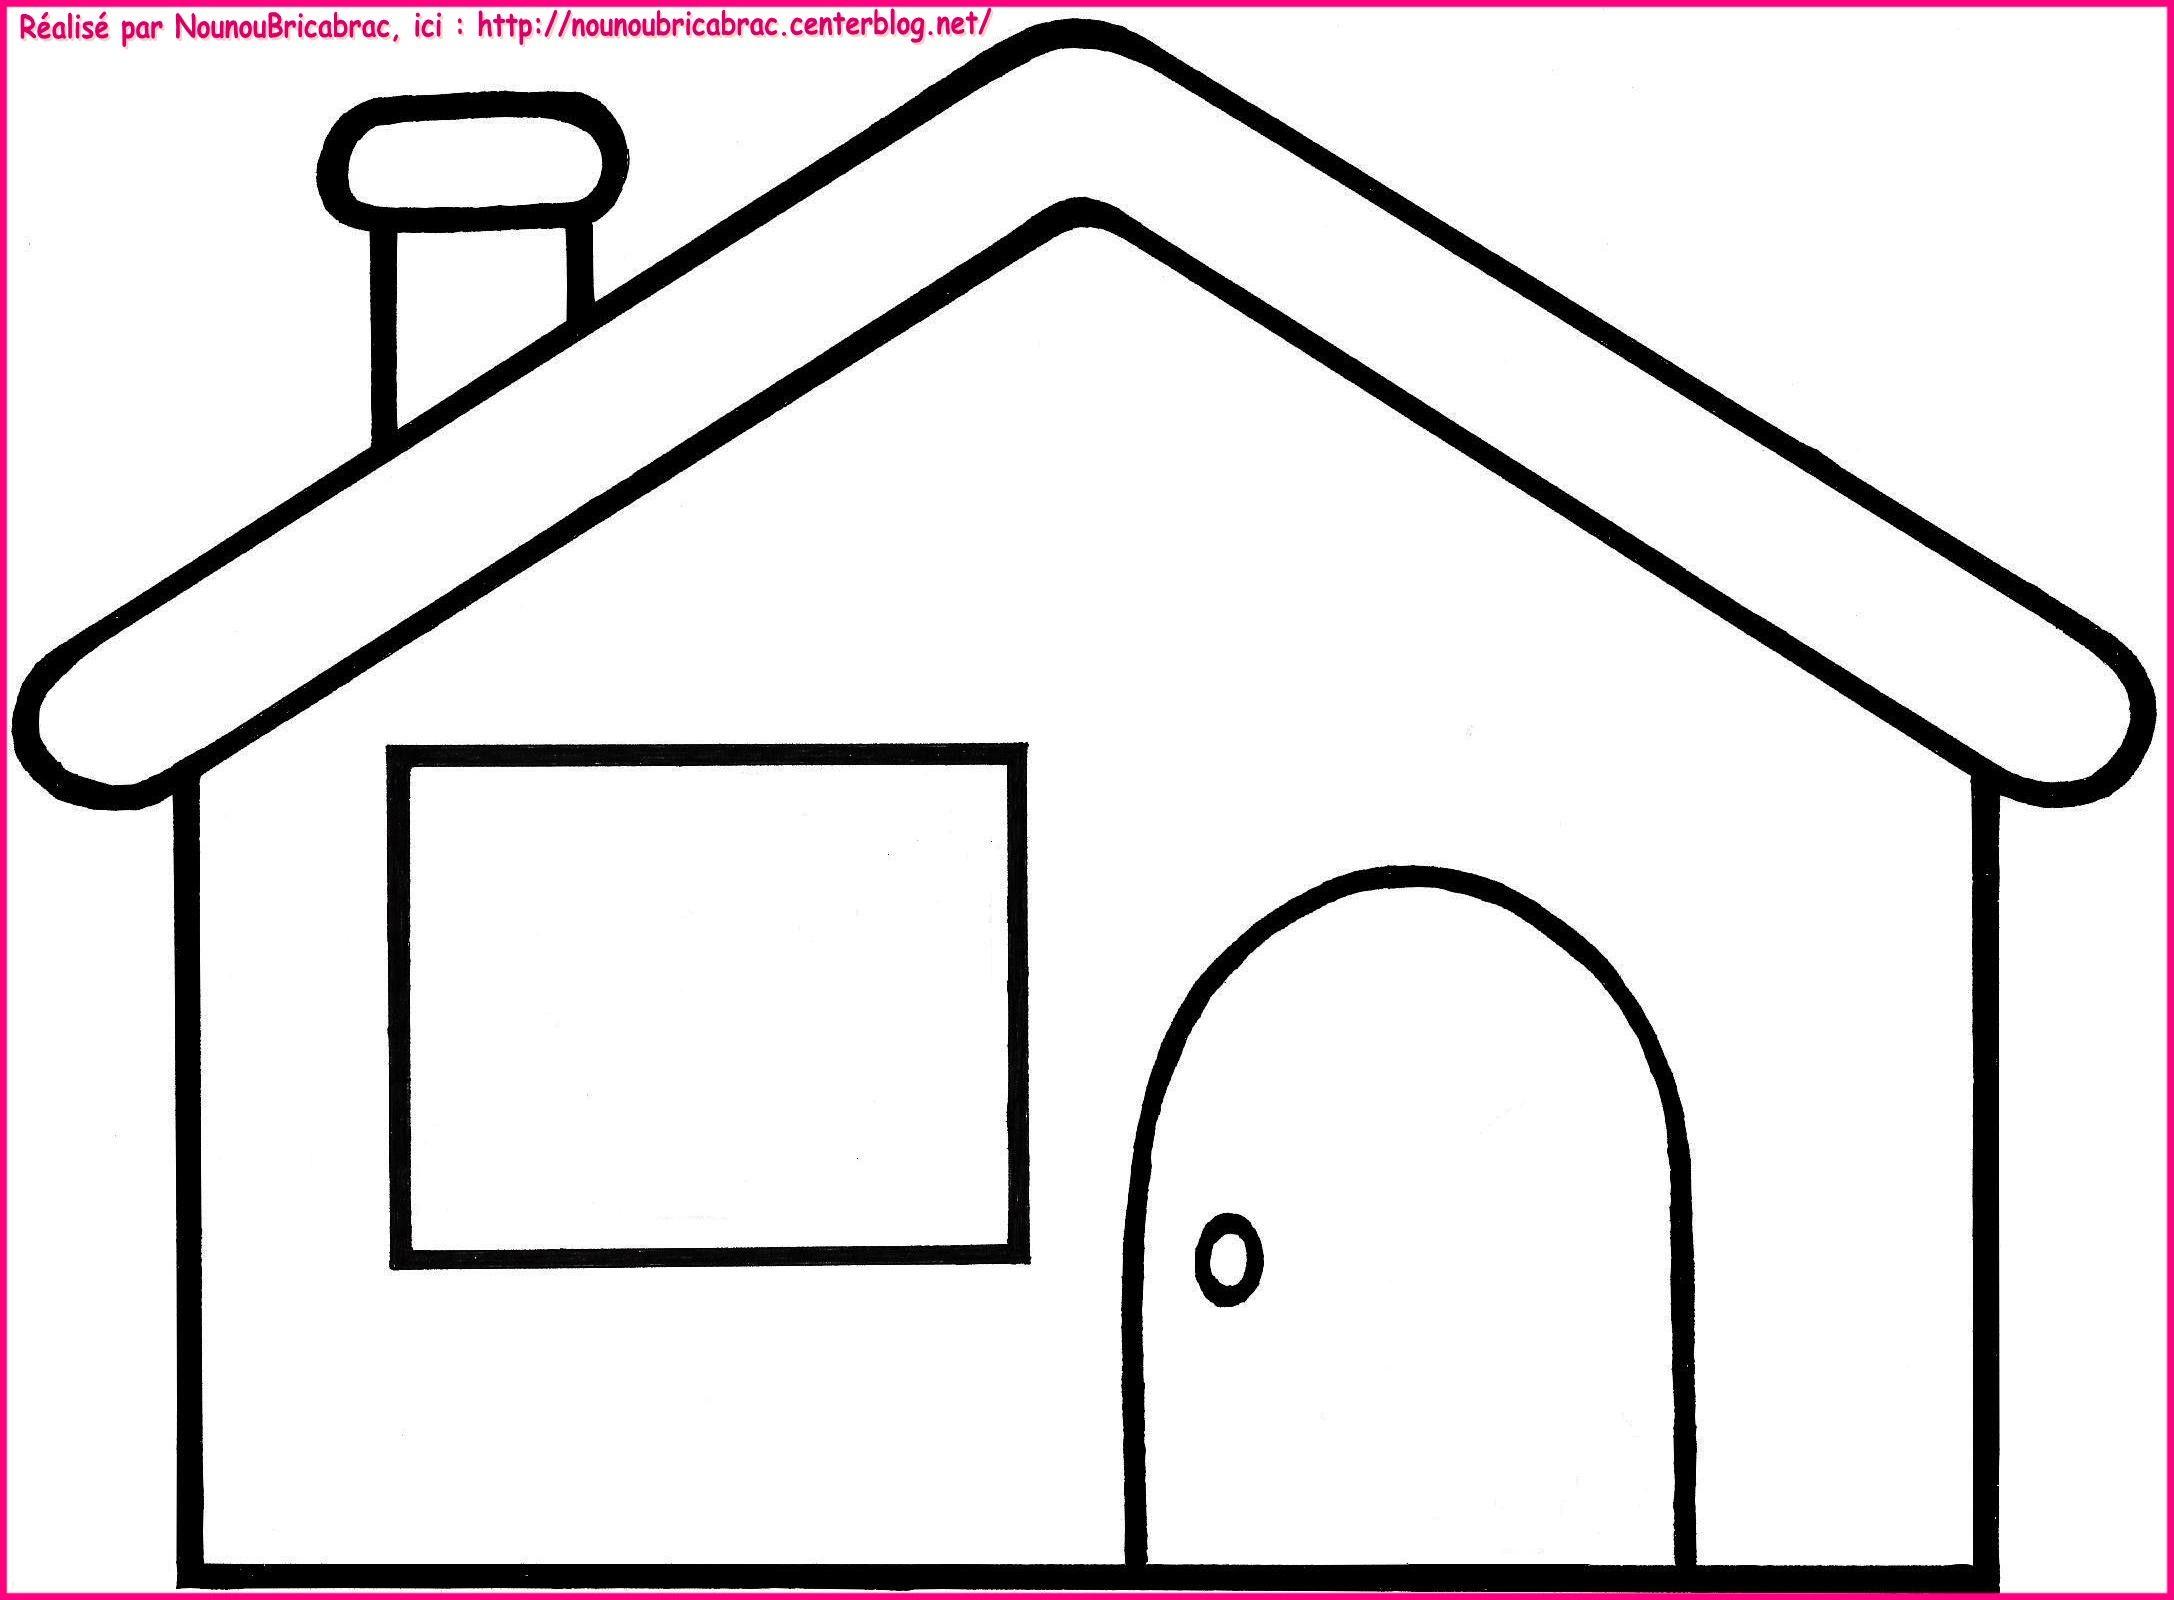 Coloriage Maison à Colorier Dessin à Imprimer Coloriage